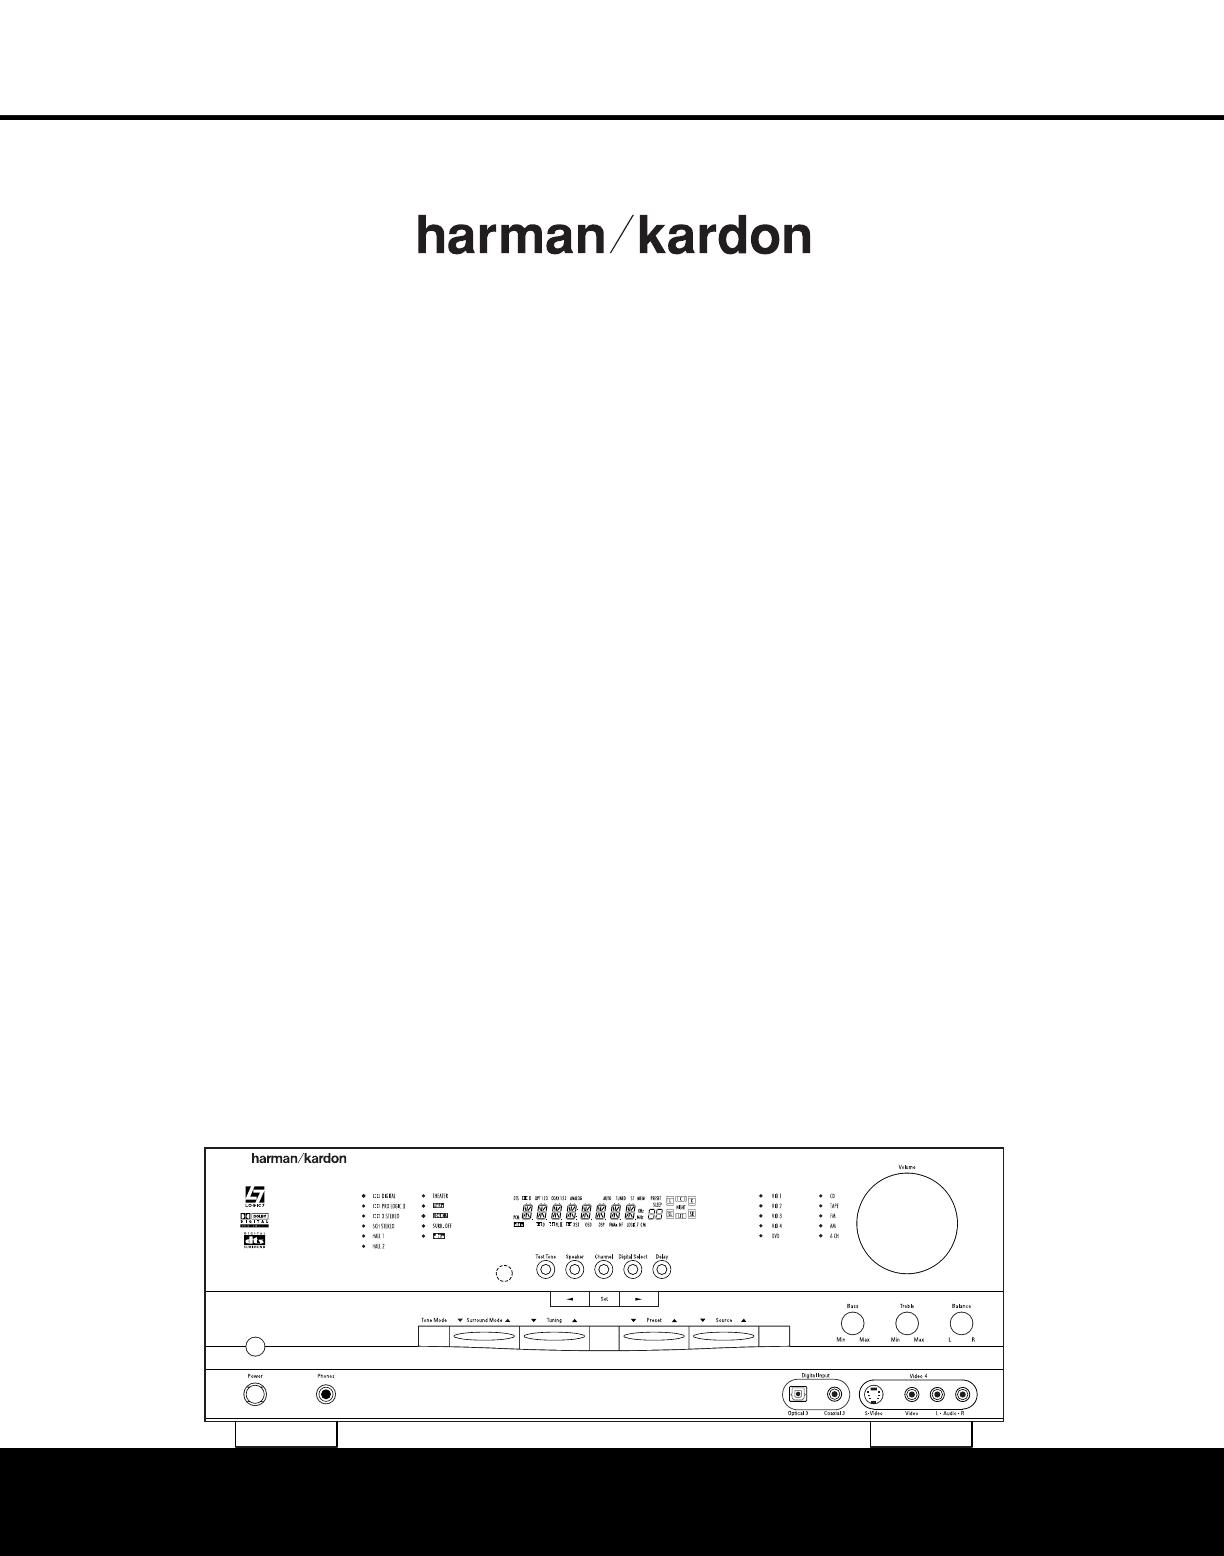 harman kardon stereo receiver avr 225 user guide manualsonline com rh audio manualsonline com Harman Kardon AVR 347 Harman Kardon AVR 1650